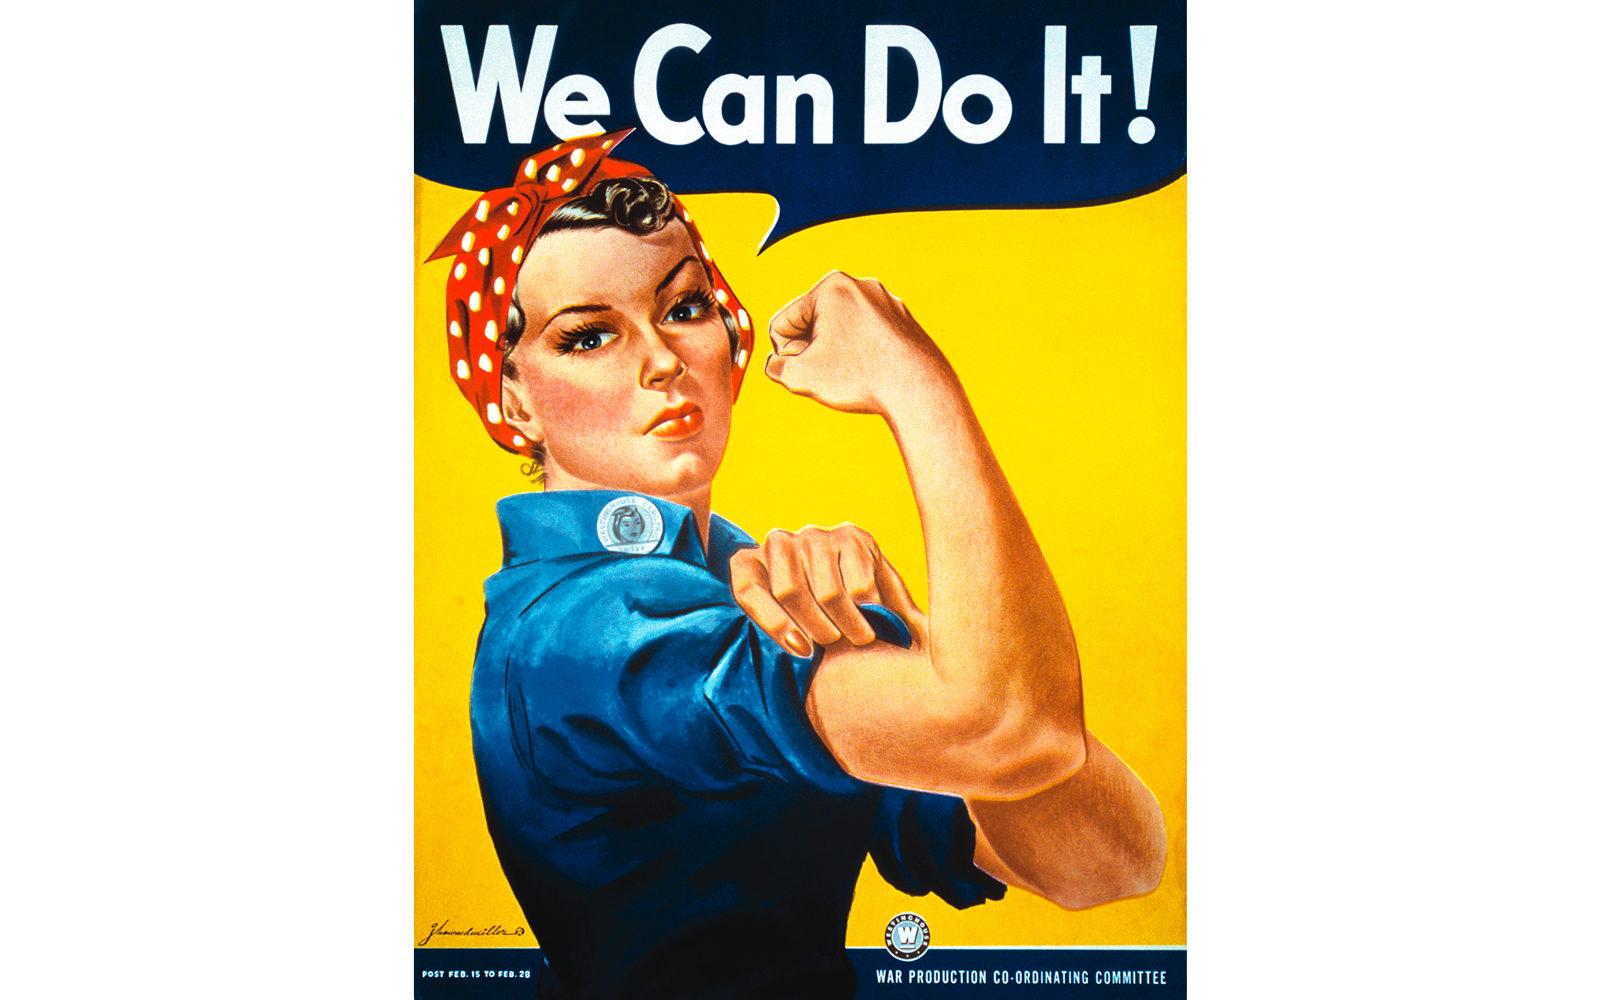 Locandina anni '40 di propaganda bellica divenuta simbolo del femminismo negli anni '80